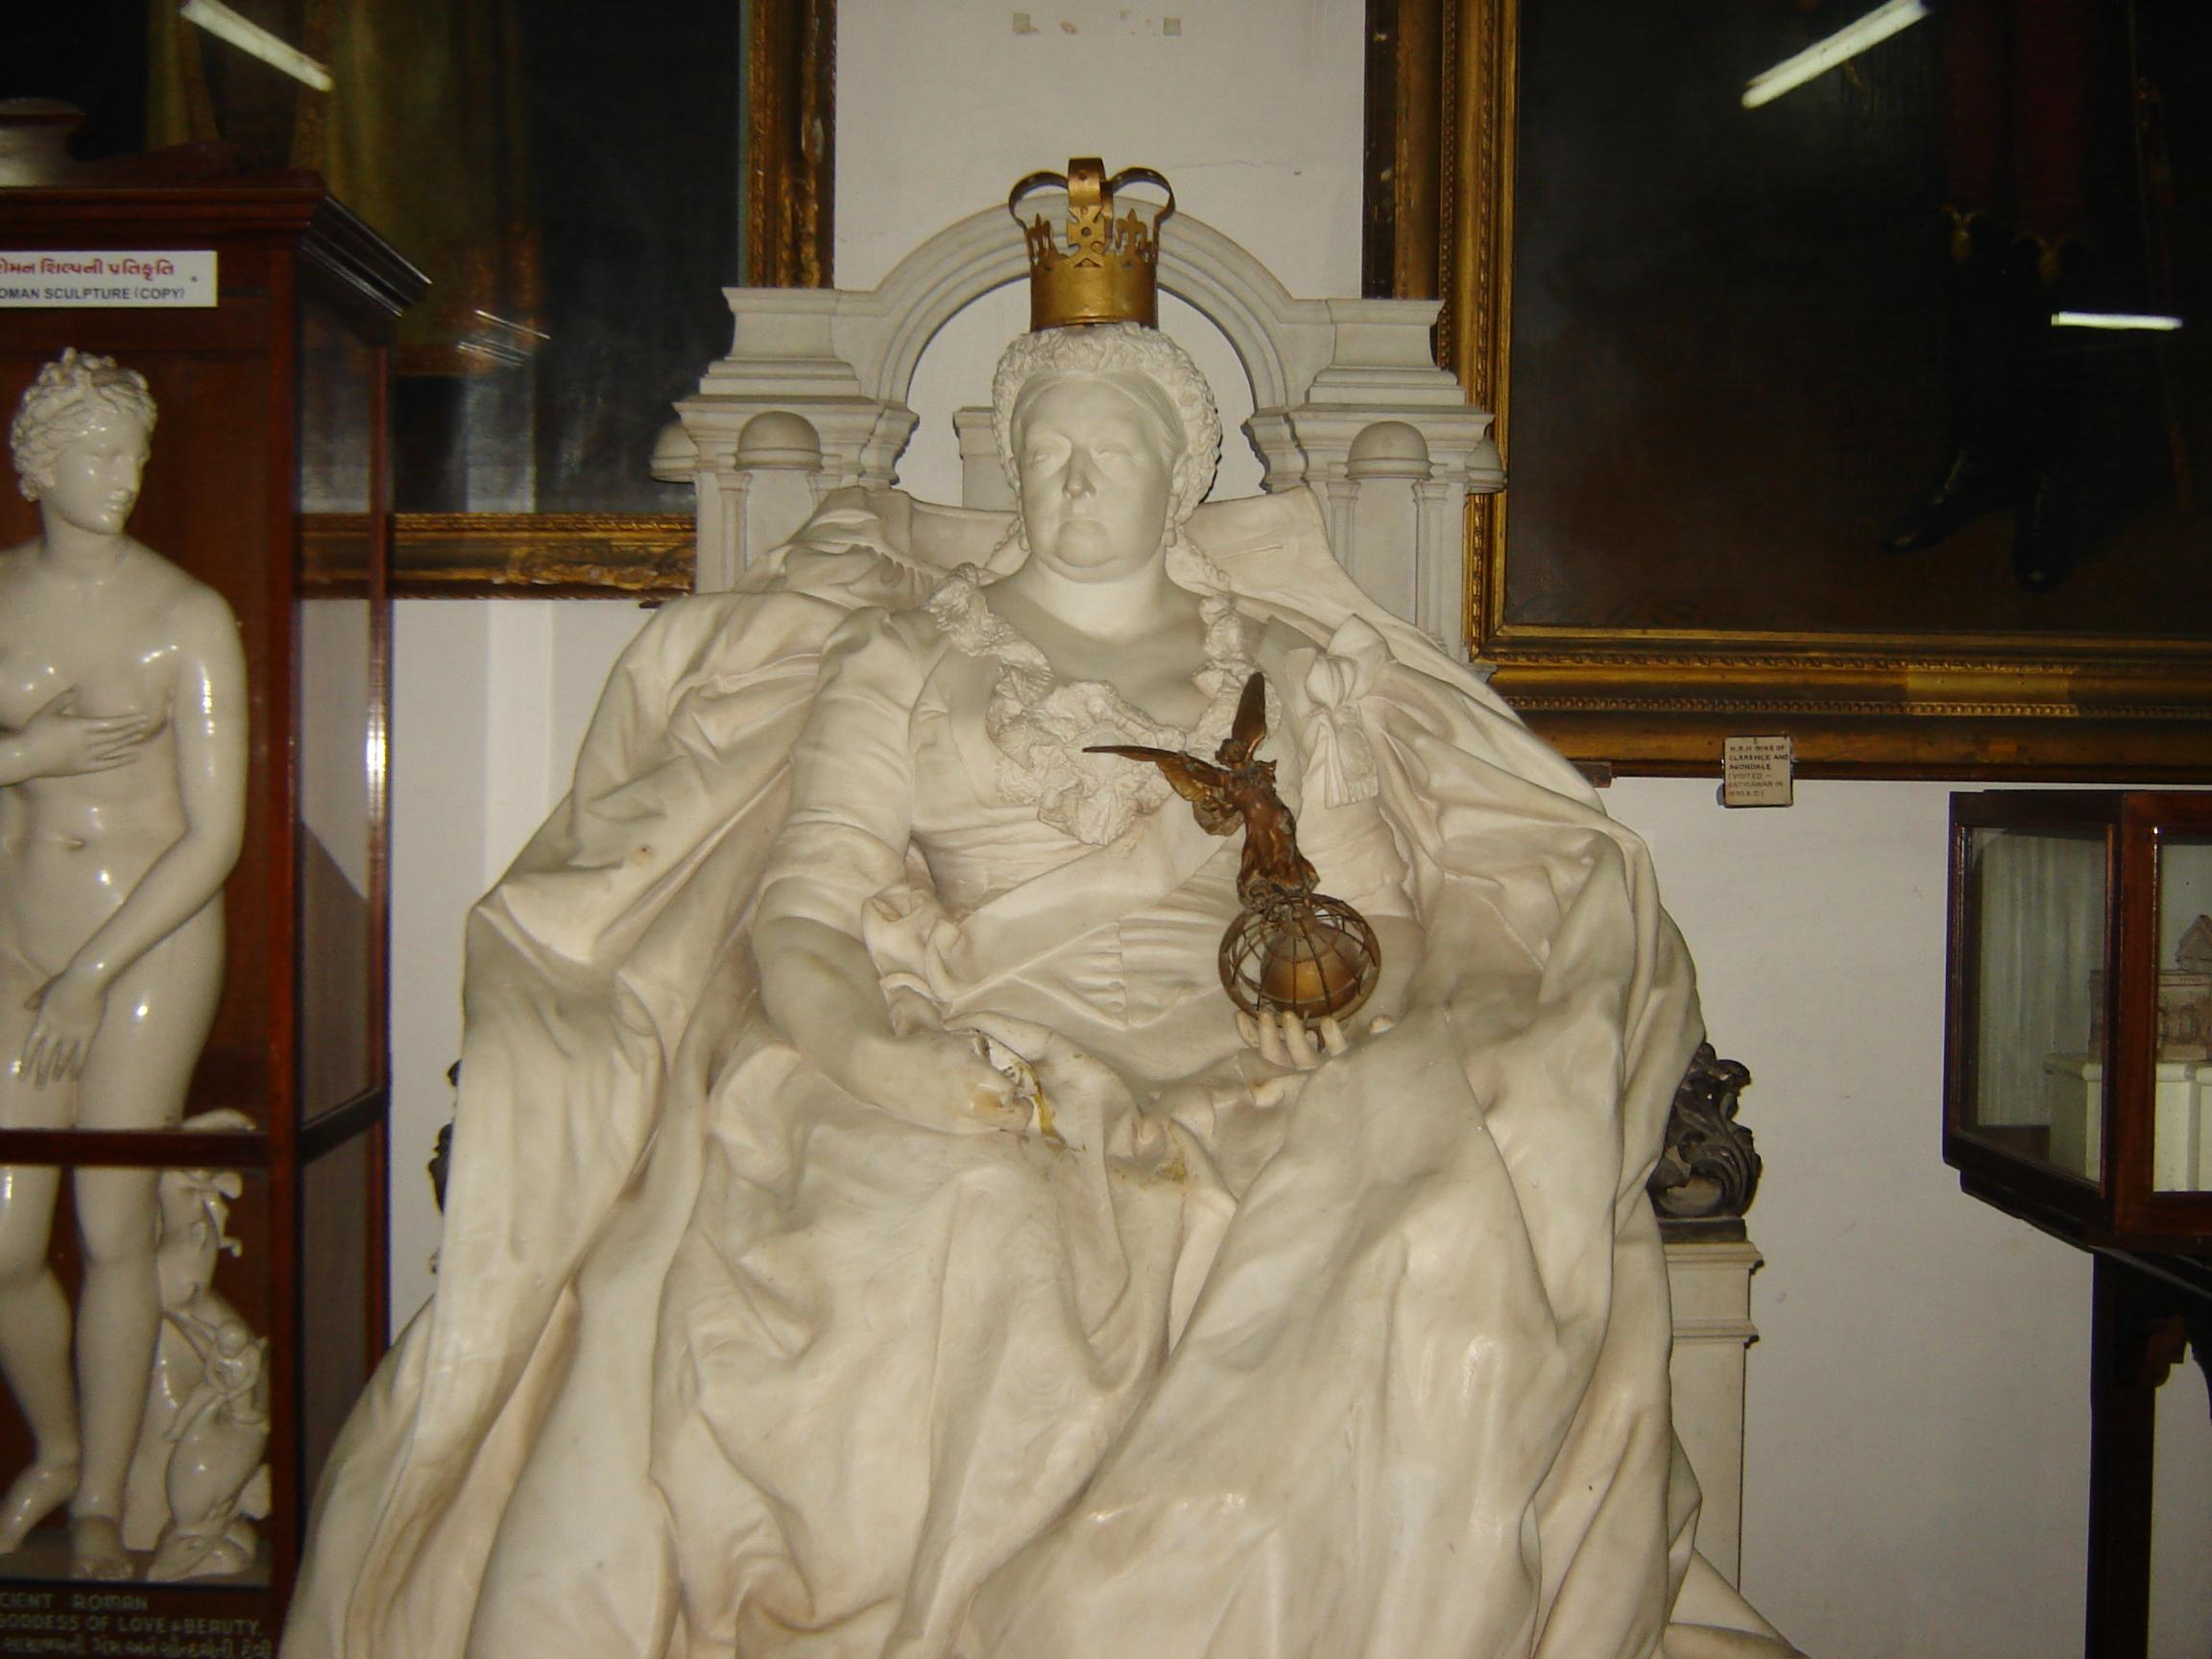 Watson_Museum_Queen_Victoria_Statue